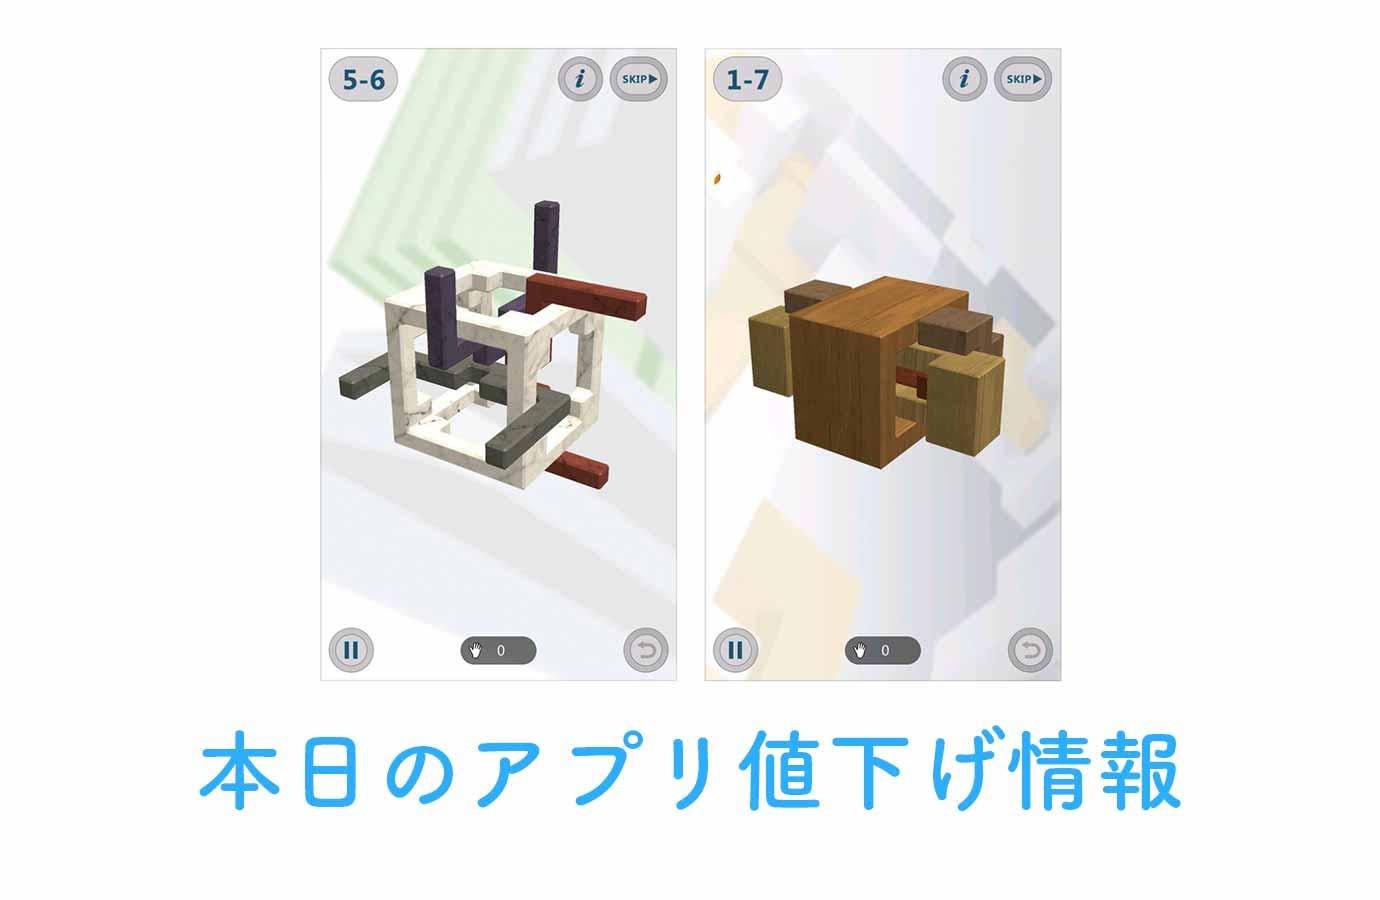 120円→無料!ブロックをときほぐしていく3Dパズル「Interlocked」など【10/14】アプリ値下げ情報